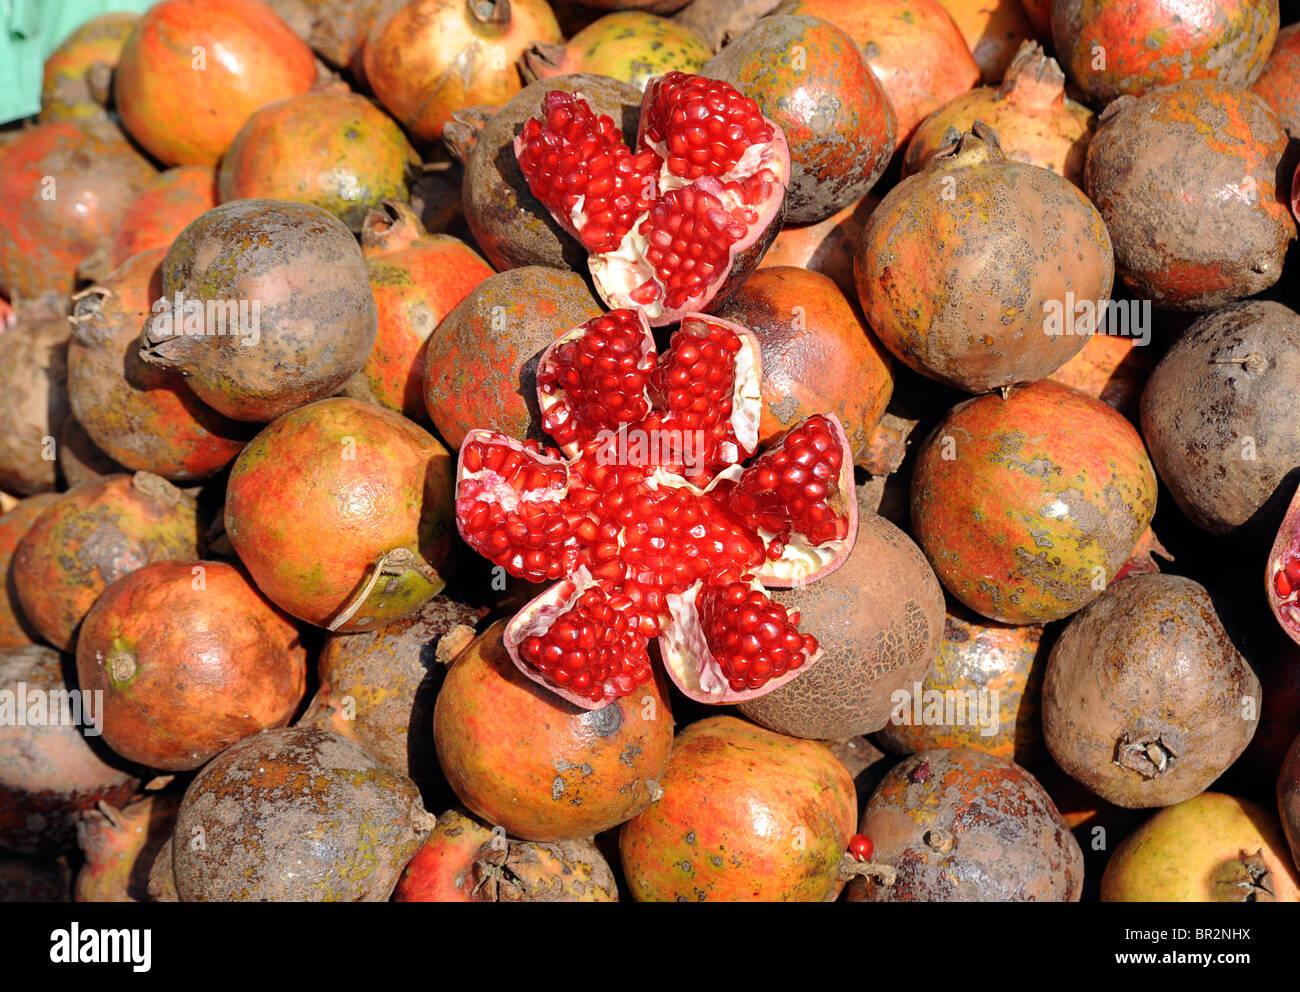 Pomegranates on a market stall, Kerala, India - Stock Image